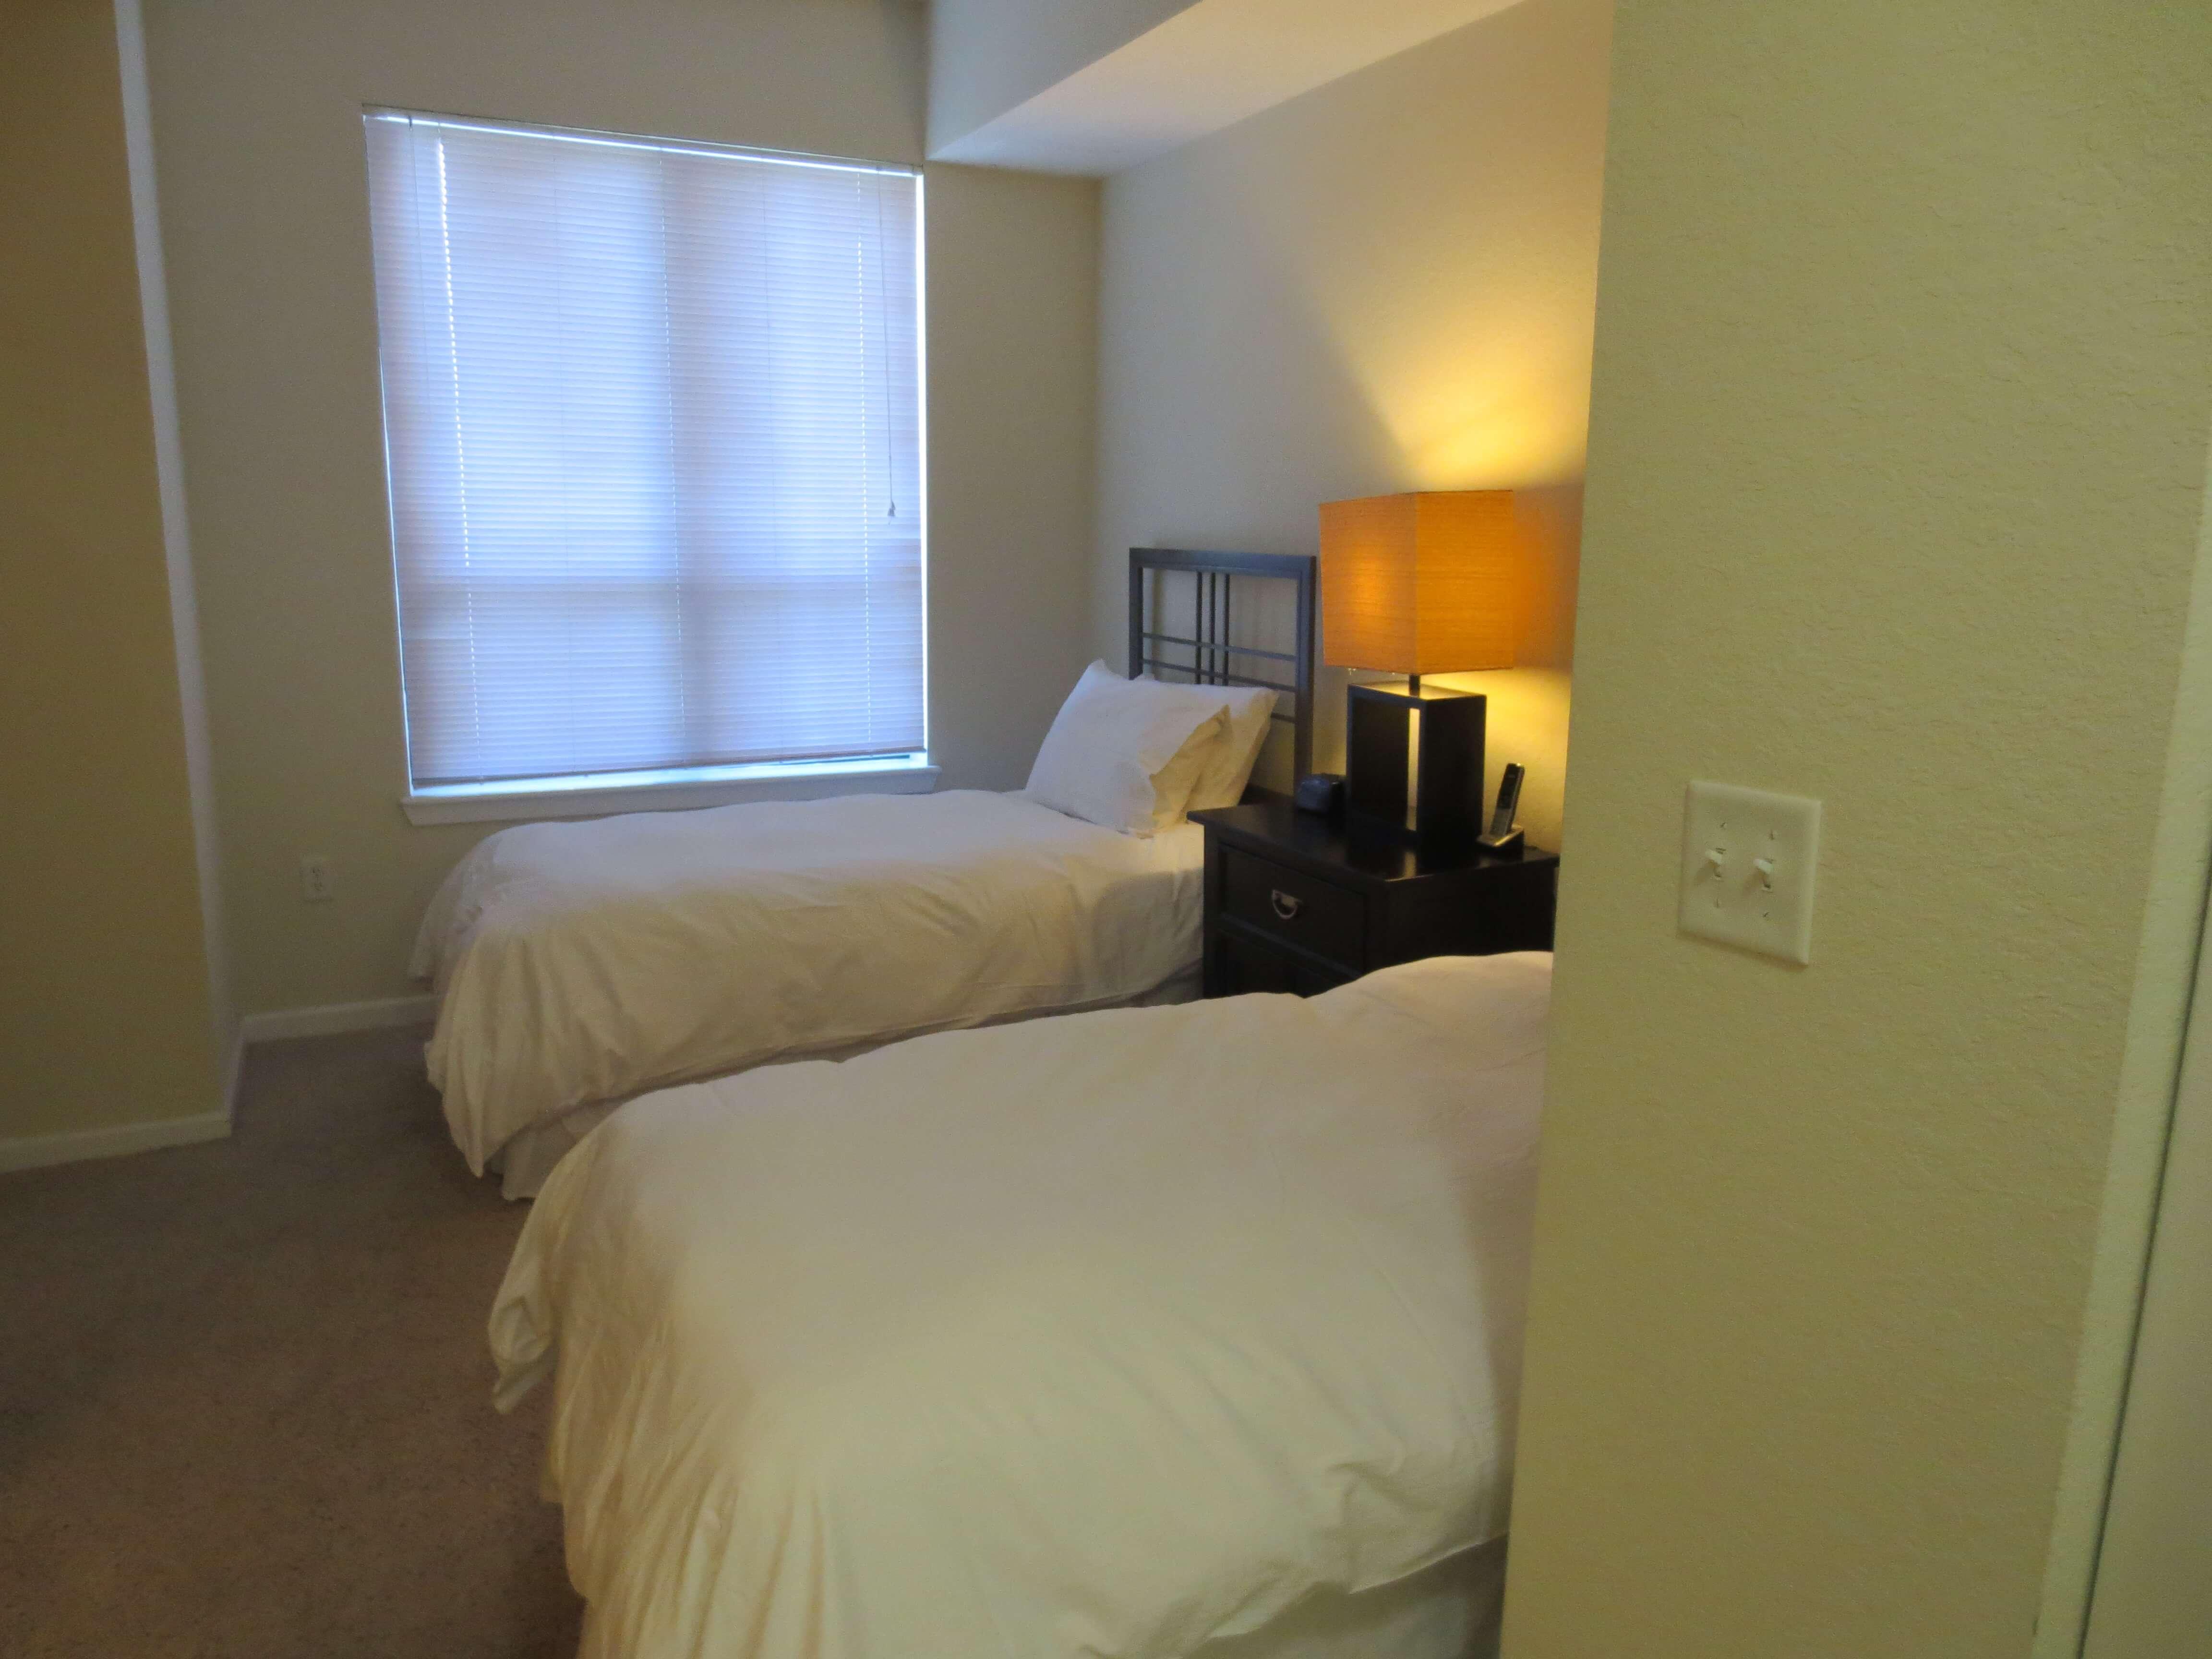 1 Bedroom Apartments For Rent In Norwalk Ct 28 Images 1 Bedroom Apartments For Rent In